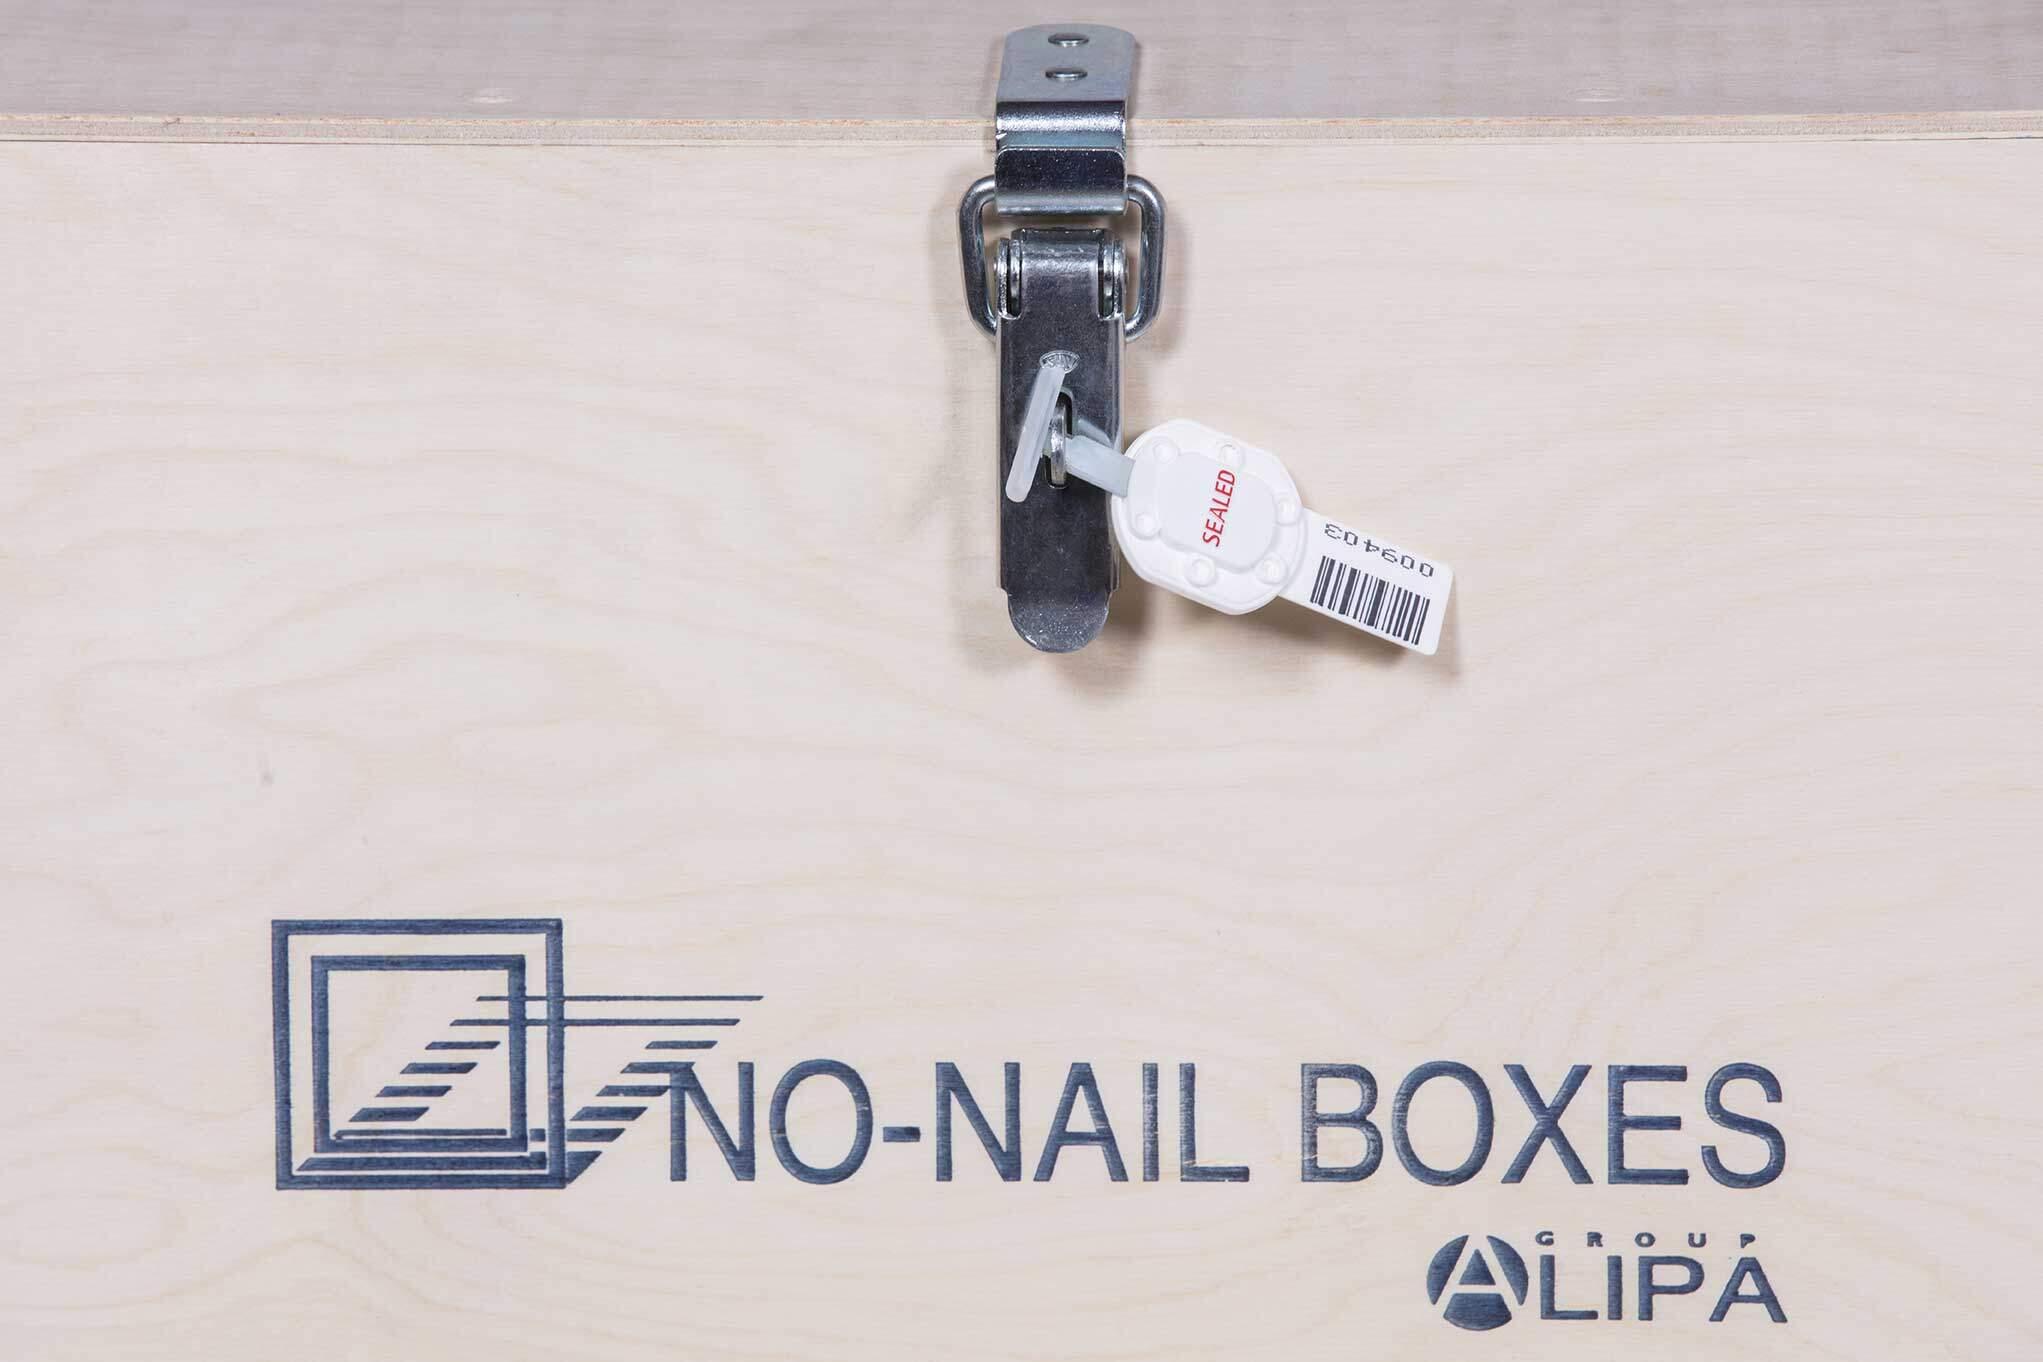 NO-NAIL BOXES: Barrel seals